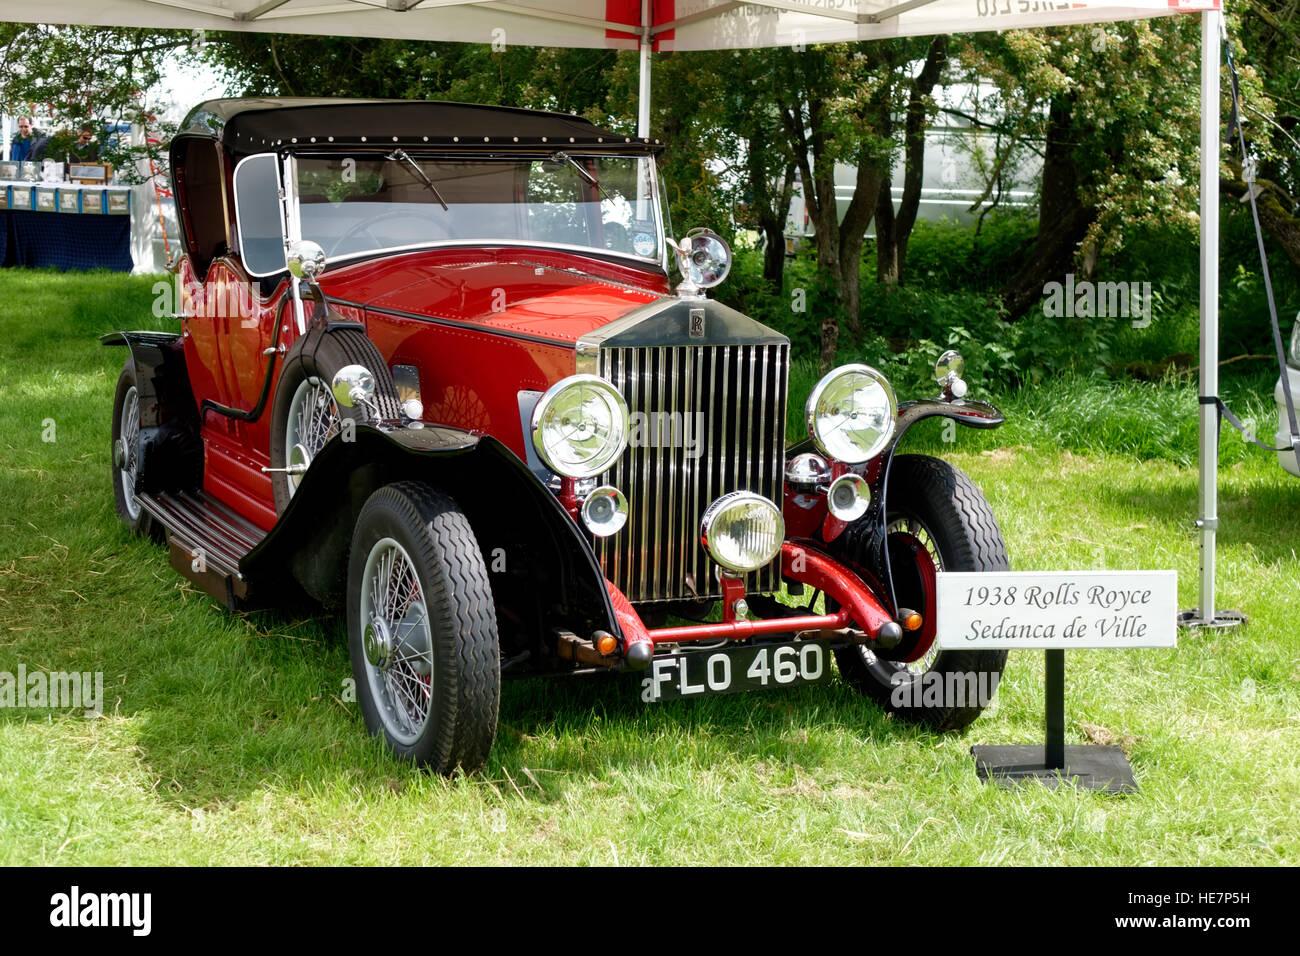 Eine 1938 Rolls-Royce Sedanca de Ville auf der 2014 Stockton Nostalgie Show, Wiltshire, Vereinigtes Königreich. Stockbild